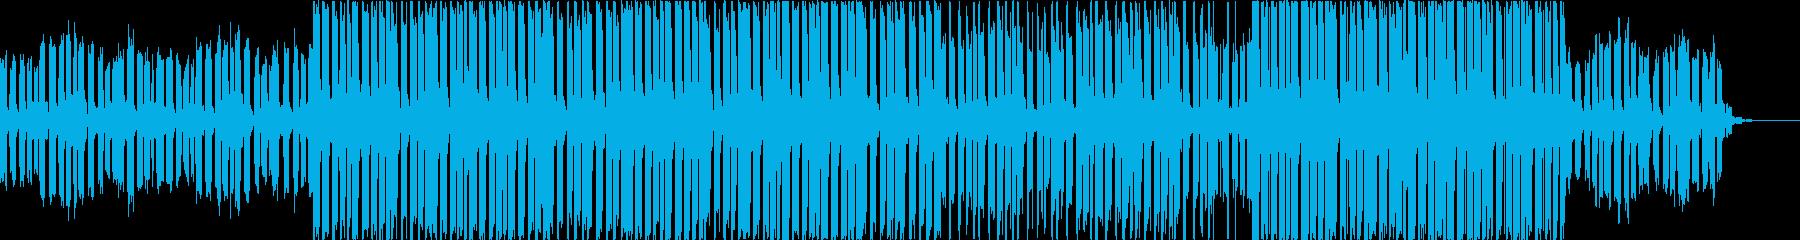 EDM系のサウンドで抑揚の少ない曲ですの再生済みの波形